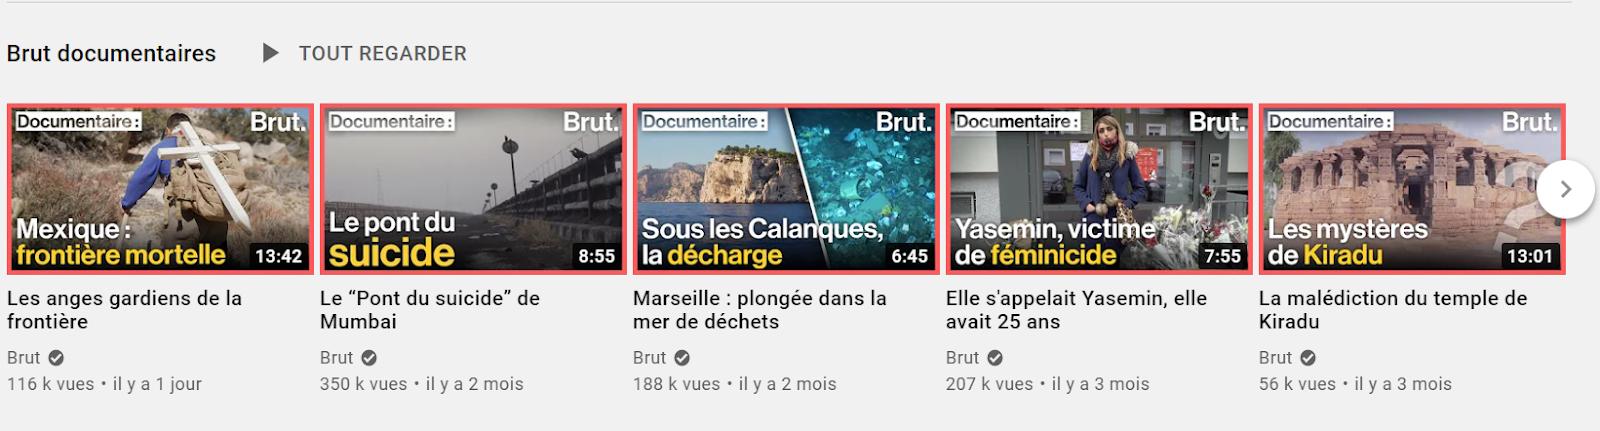 Miniatures de vidéos réussies YouTube